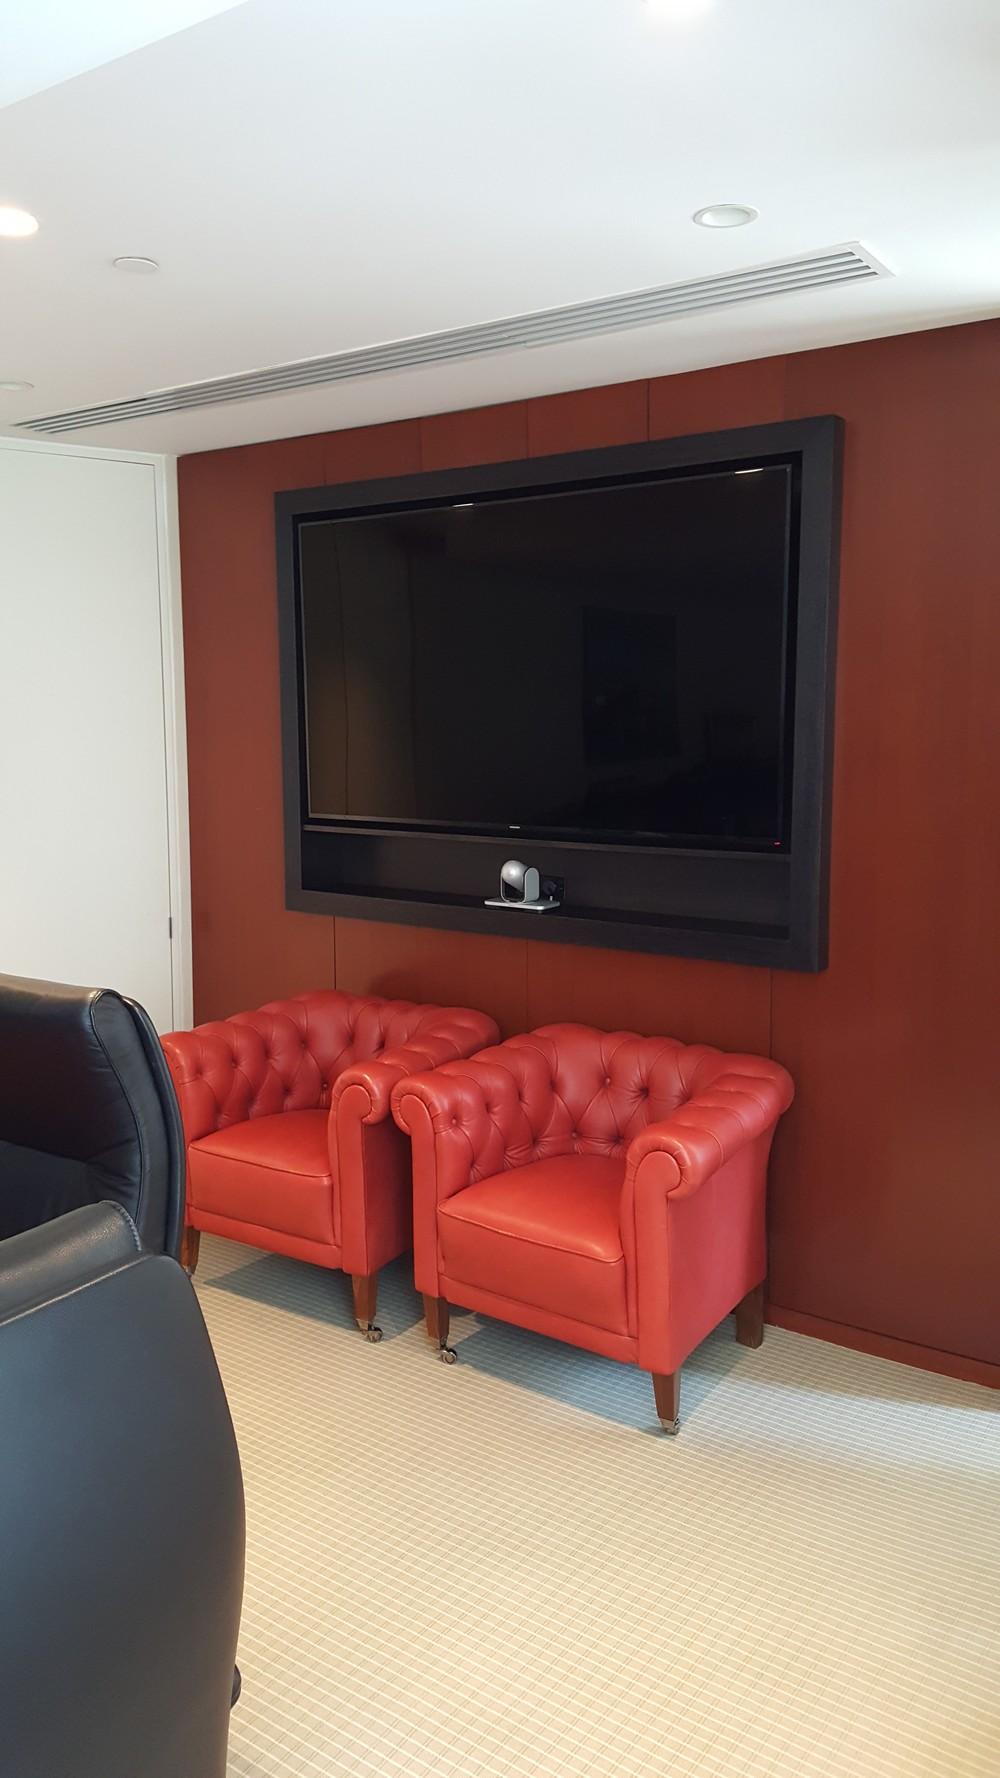 tv surround.jpg